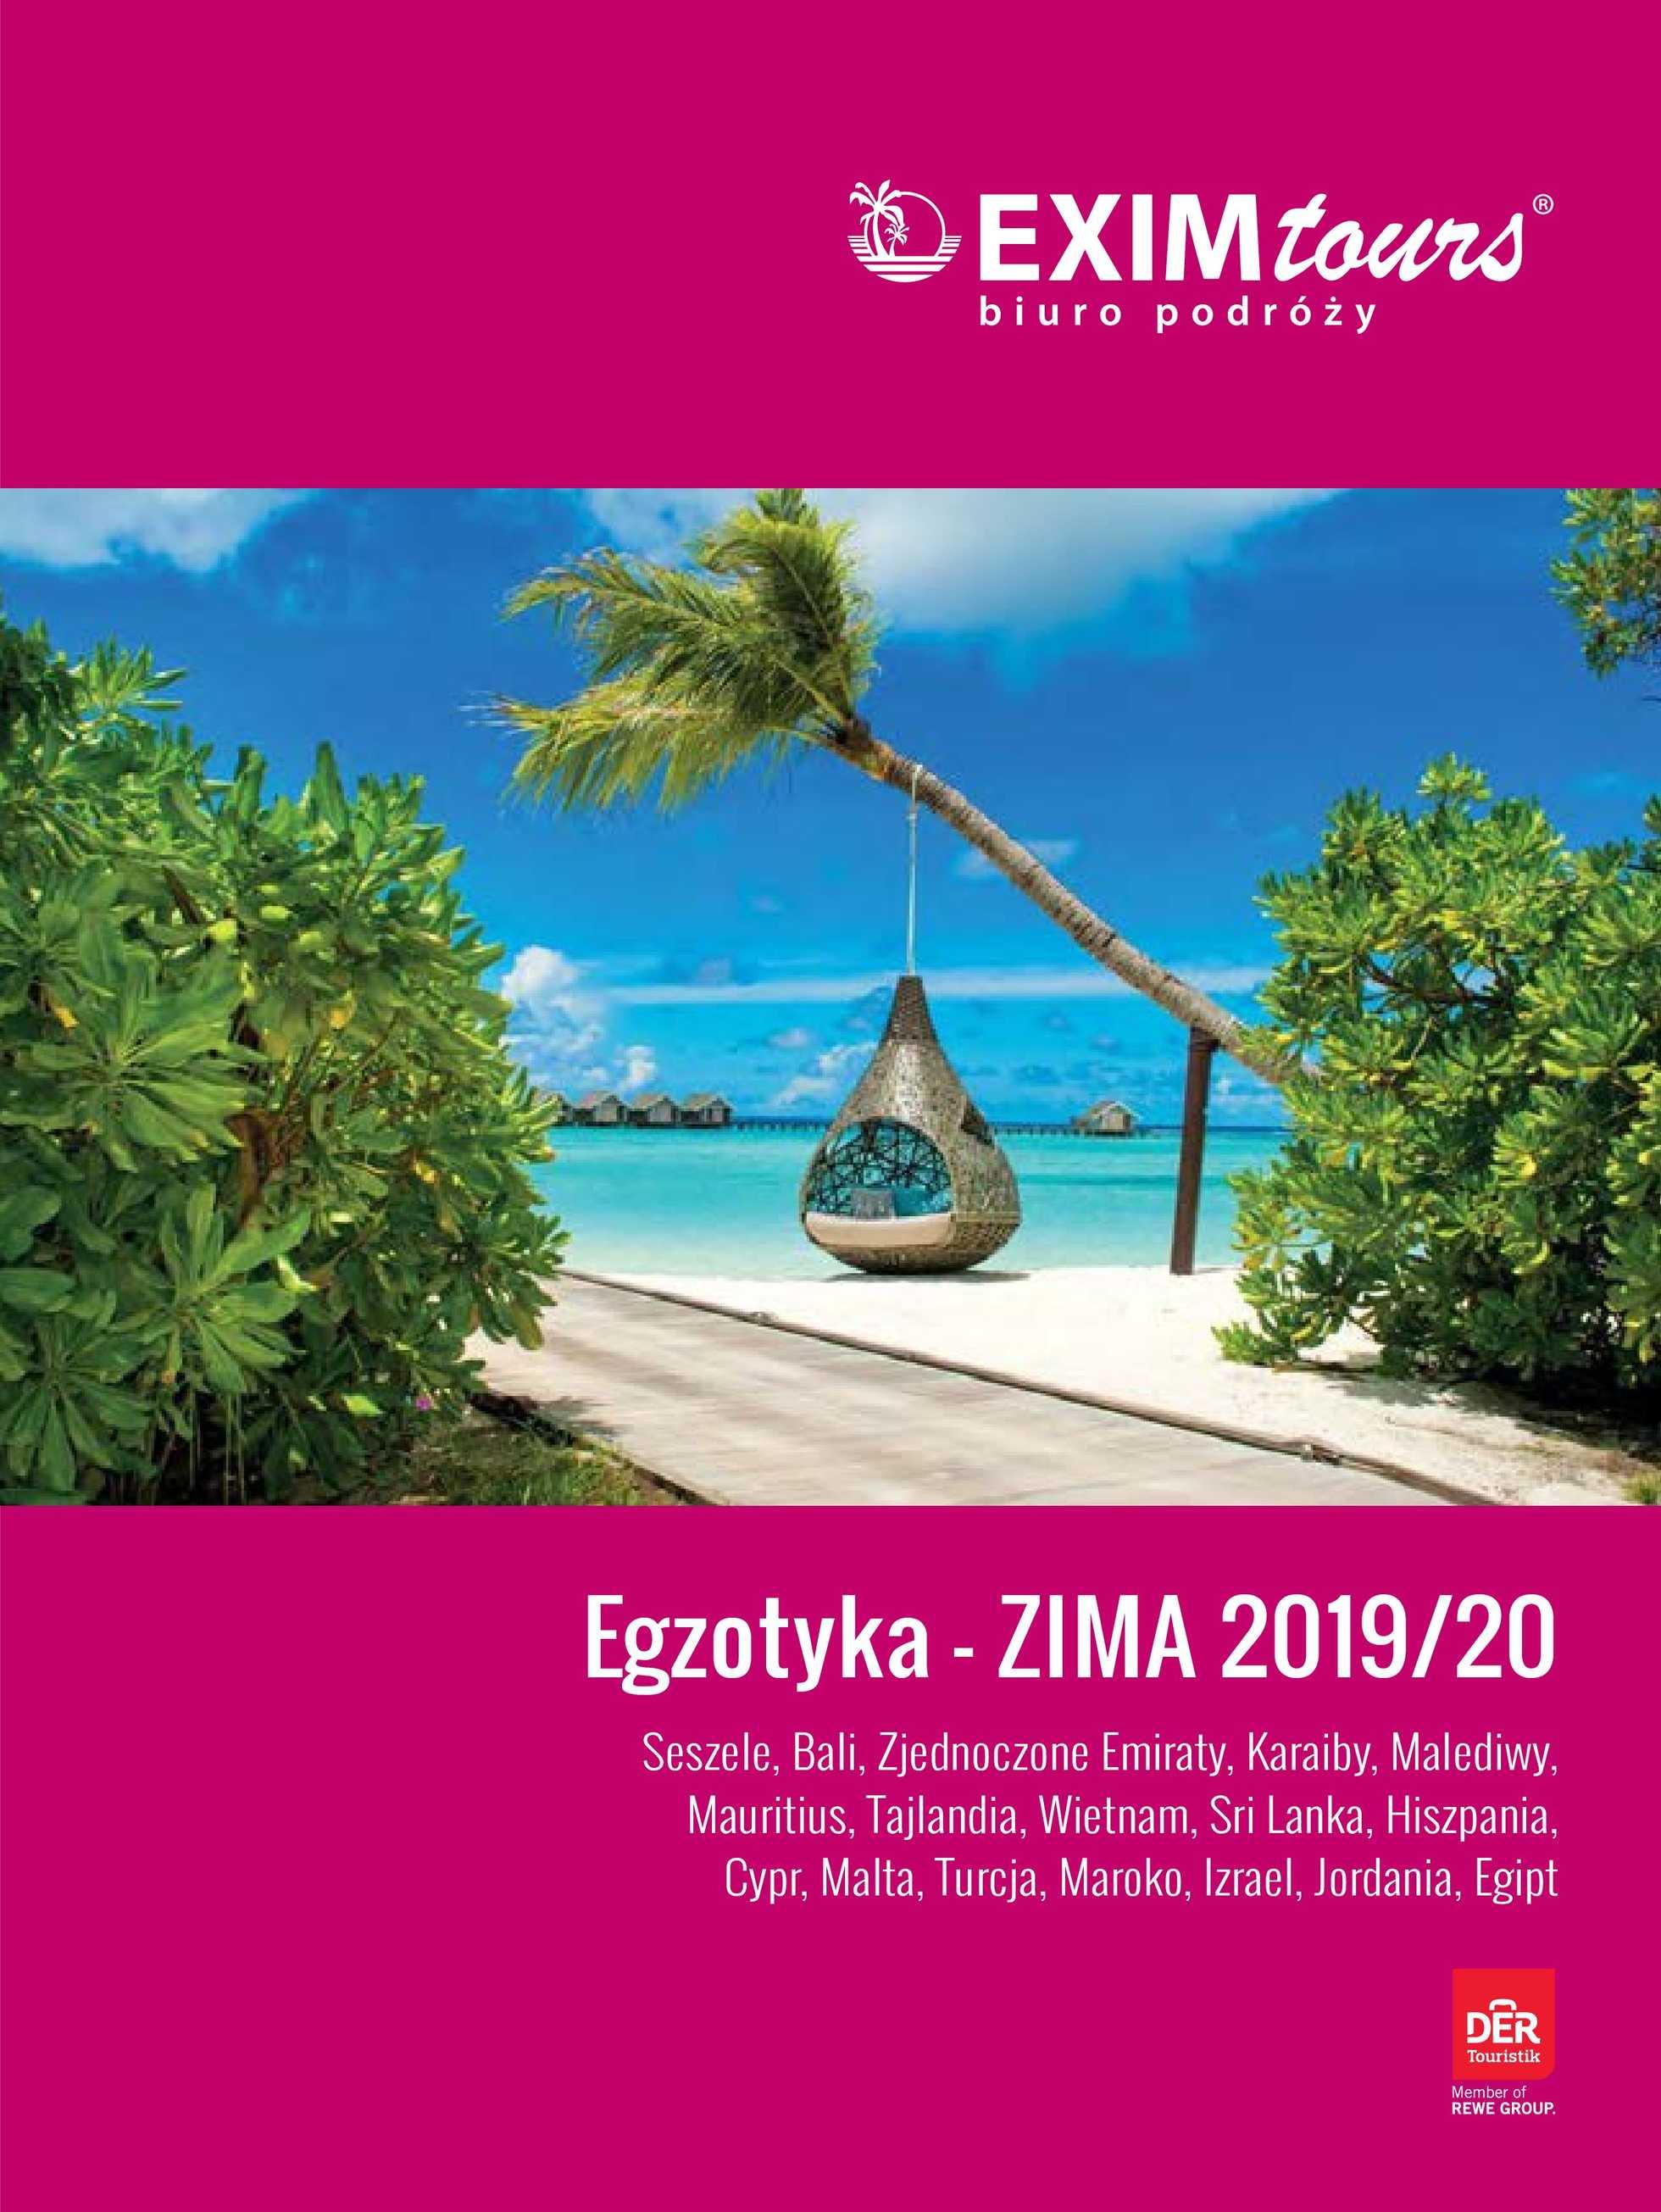 Exim Tours - gazetka obowiązująca od 2019-12-22 - strona 1